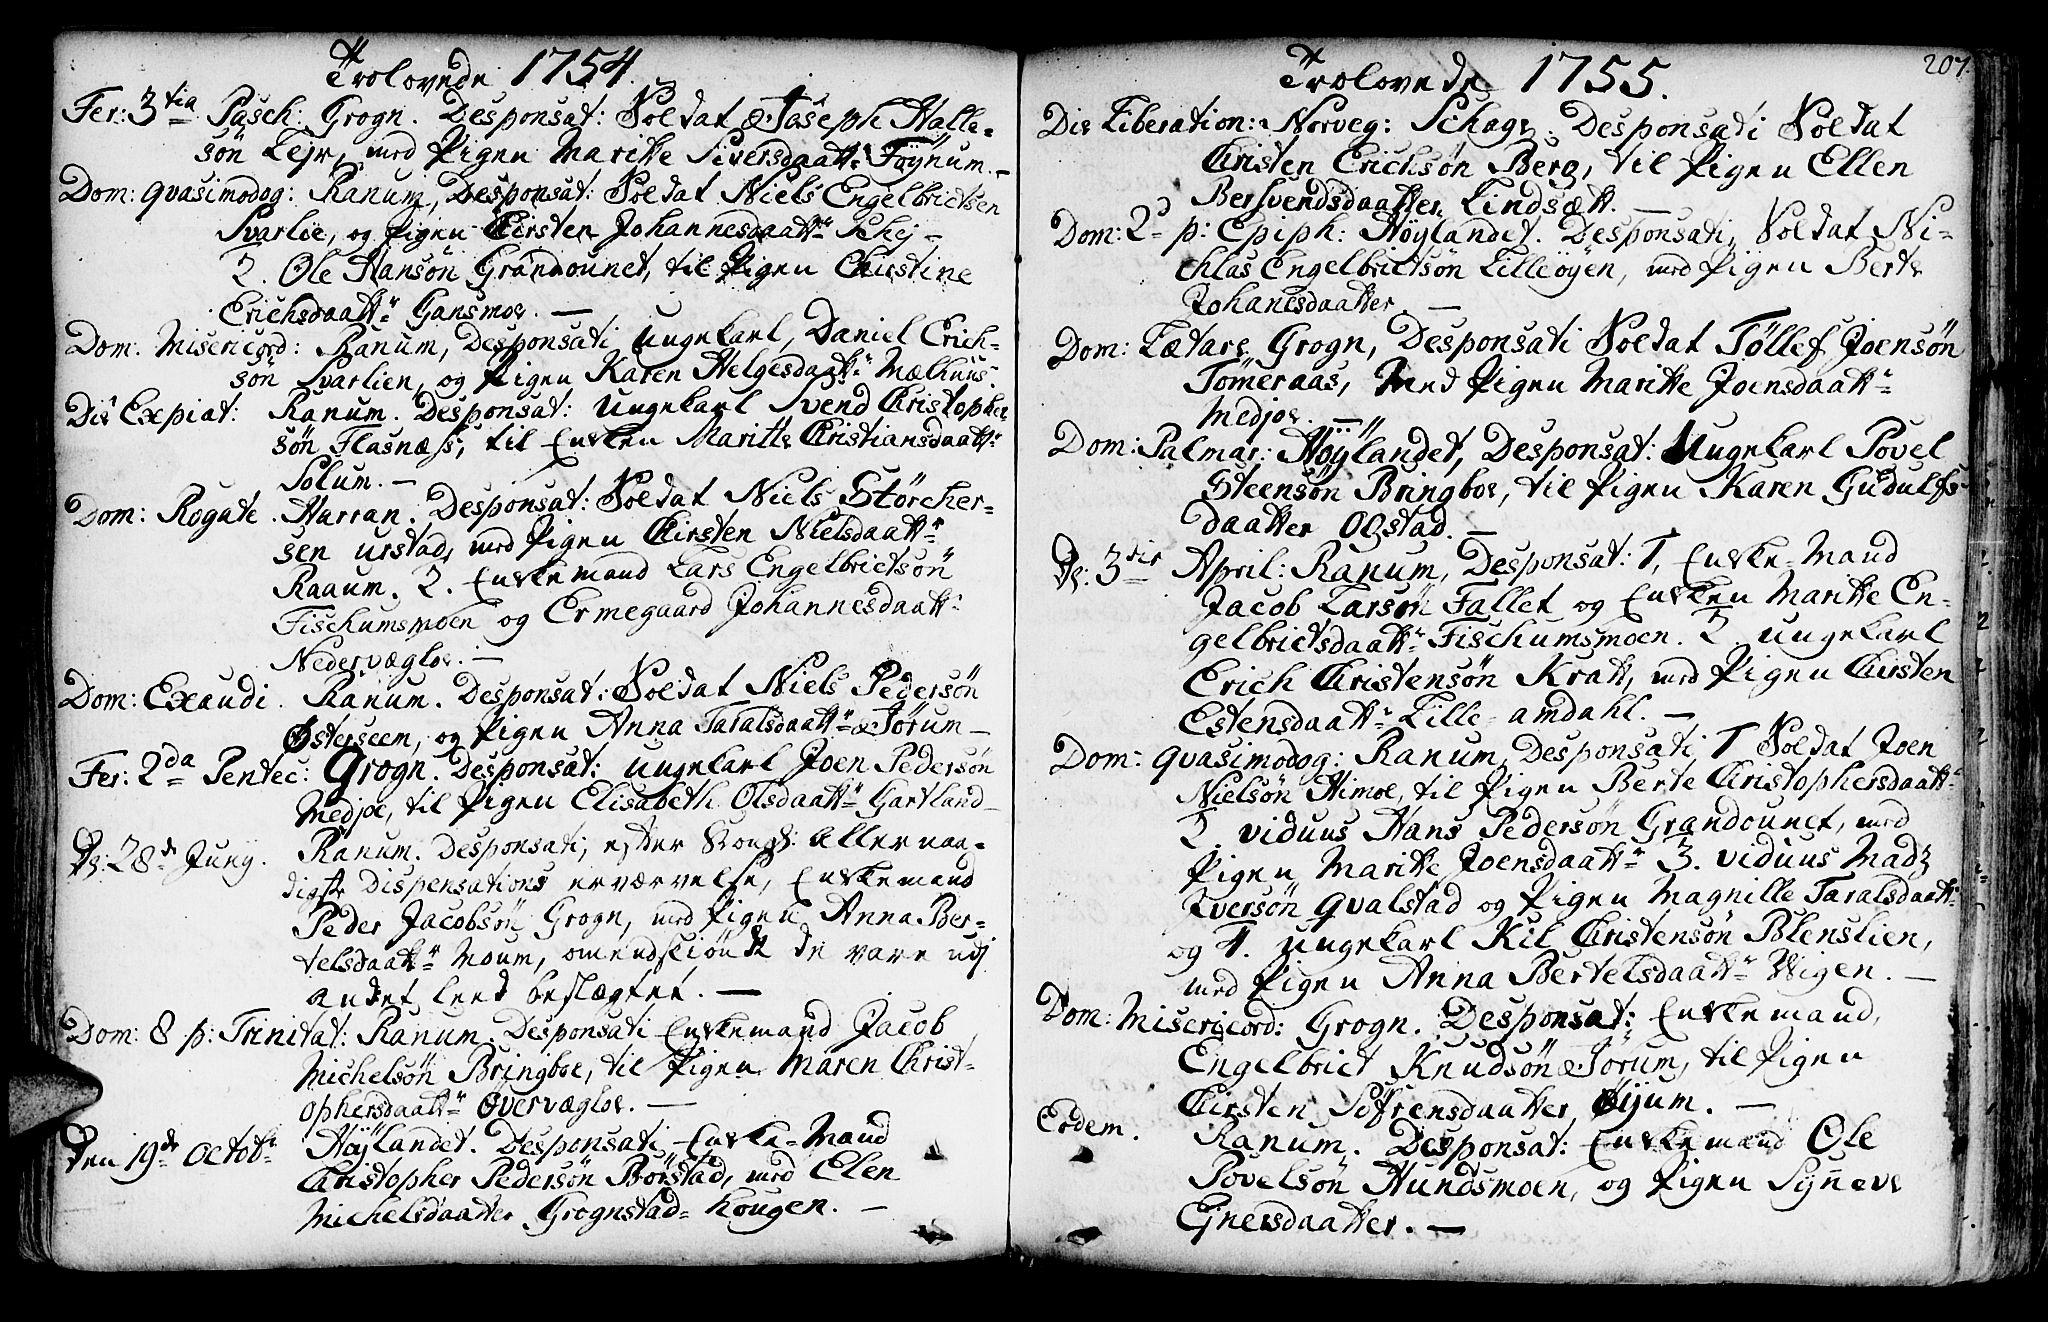 SAT, Ministerialprotokoller, klokkerbøker og fødselsregistre - Nord-Trøndelag, 764/L0542: Ministerialbok nr. 764A02, 1748-1779, s. 207